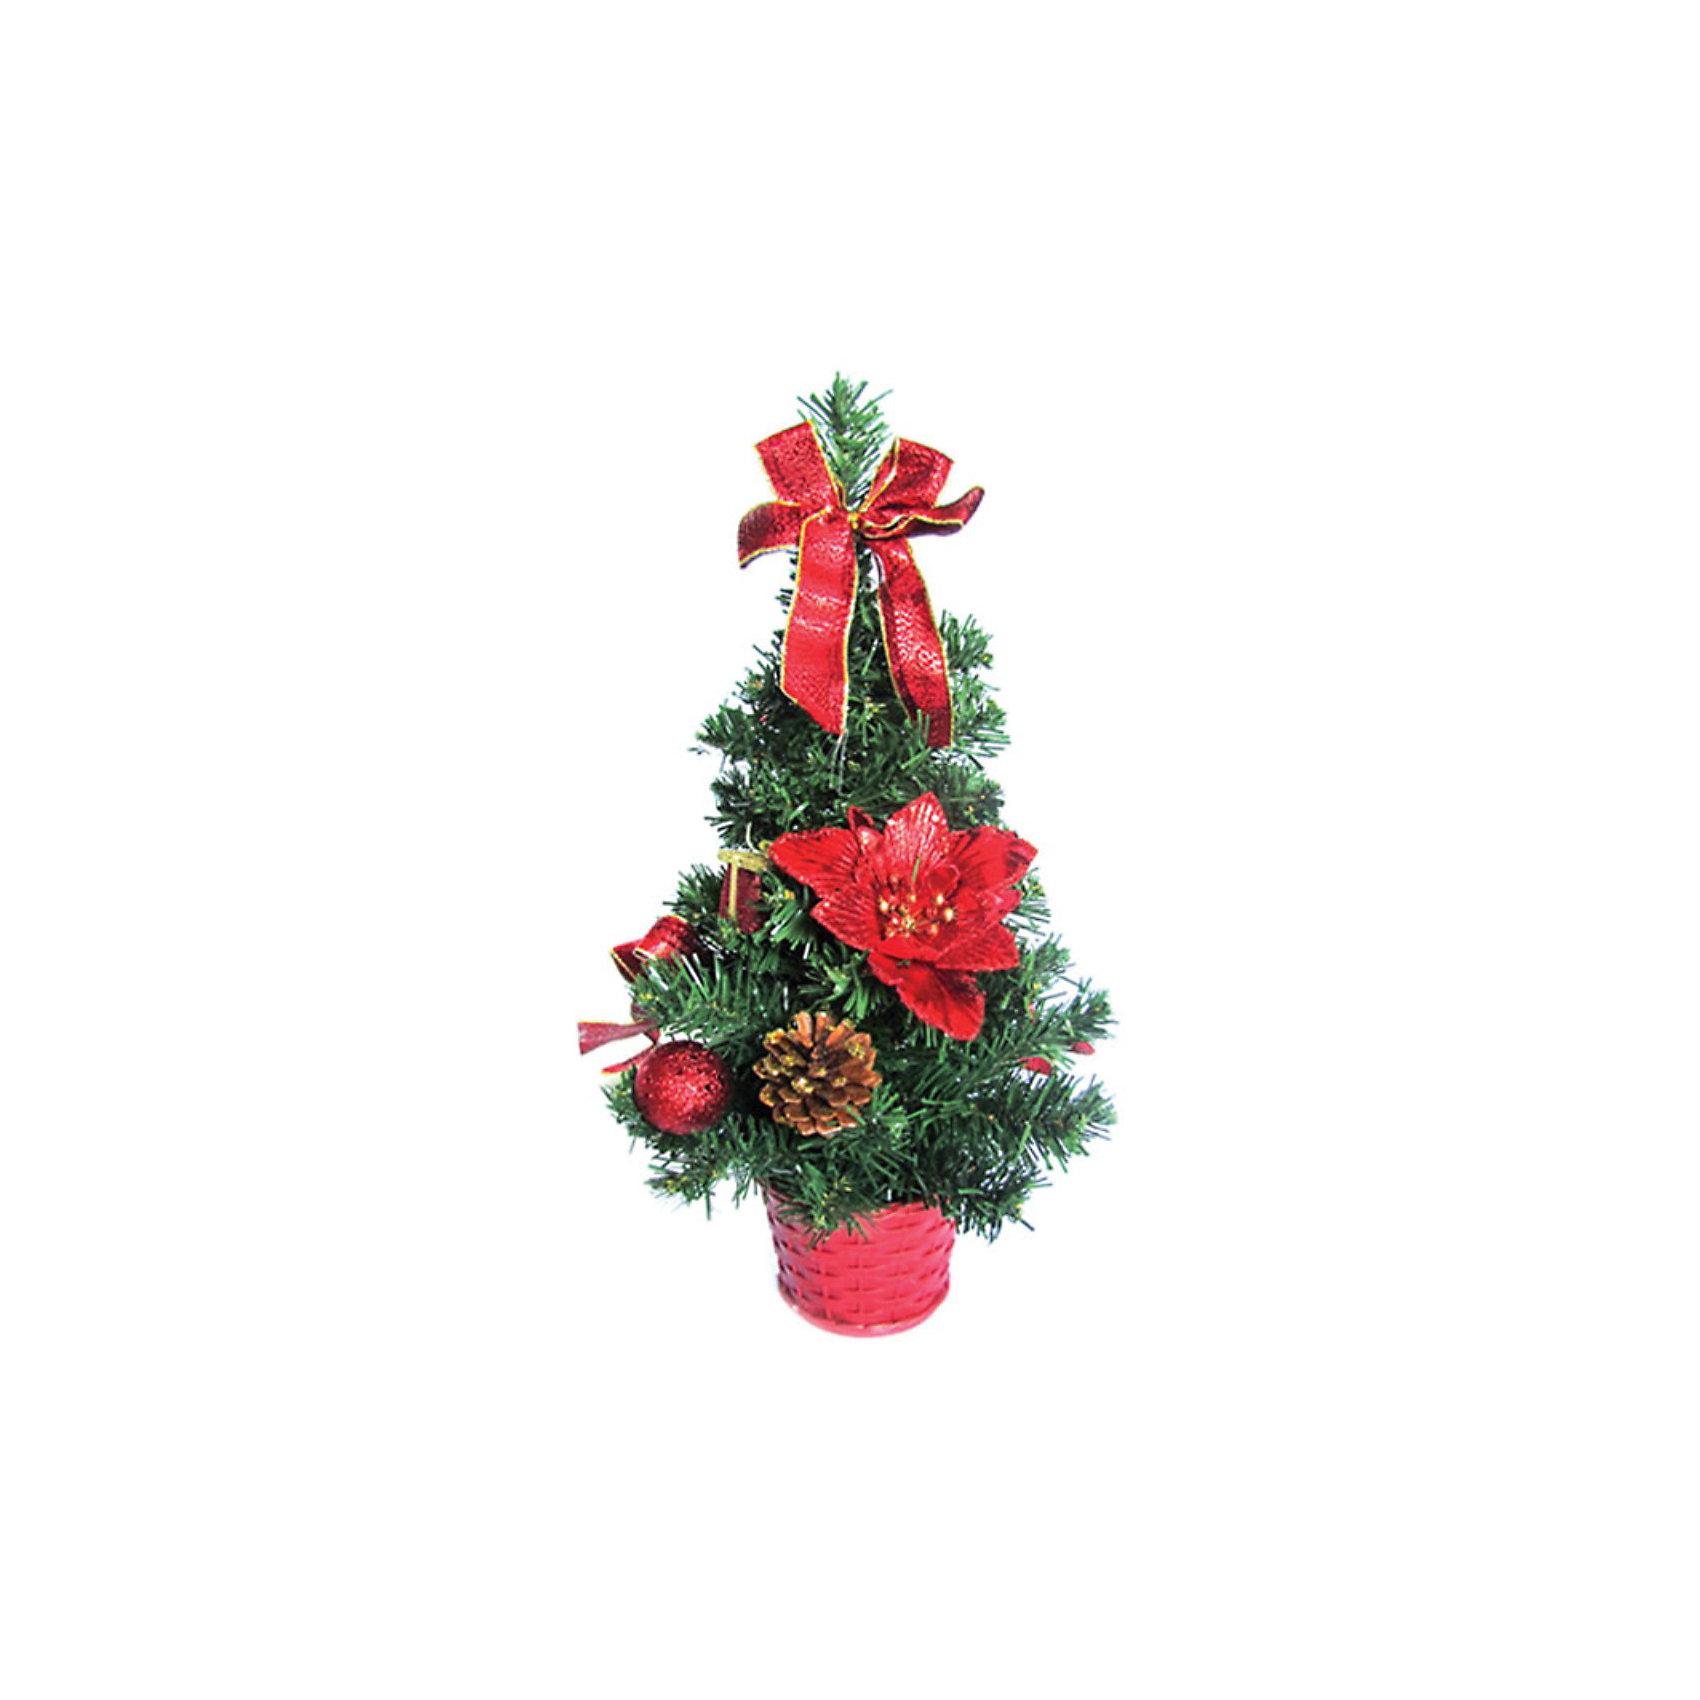 Елка декоративная с красными украшениями, 30 см